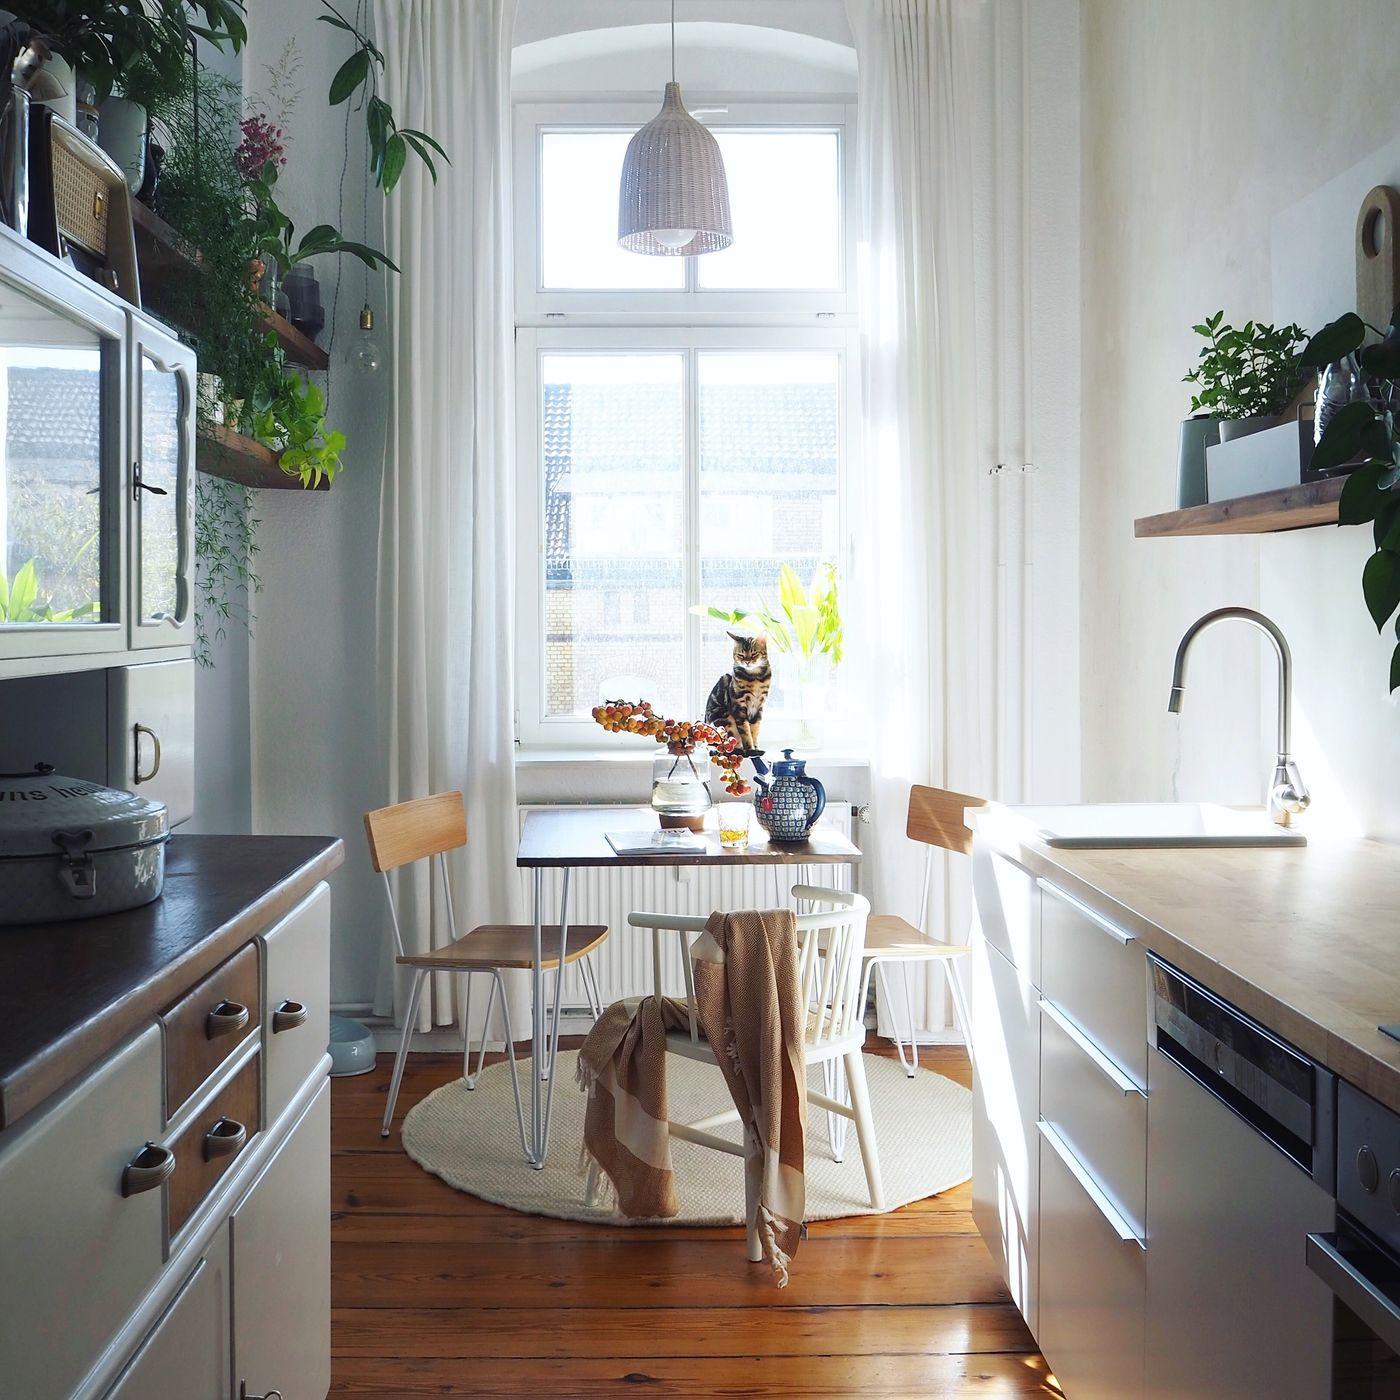 Full Size of Kleine Kchen Singlekchen Einrichten Küche Landhausküche Gebraucht Badezimmer Moderne Weisse Grau Weiß Wohnzimmer Landhausküche Einrichten